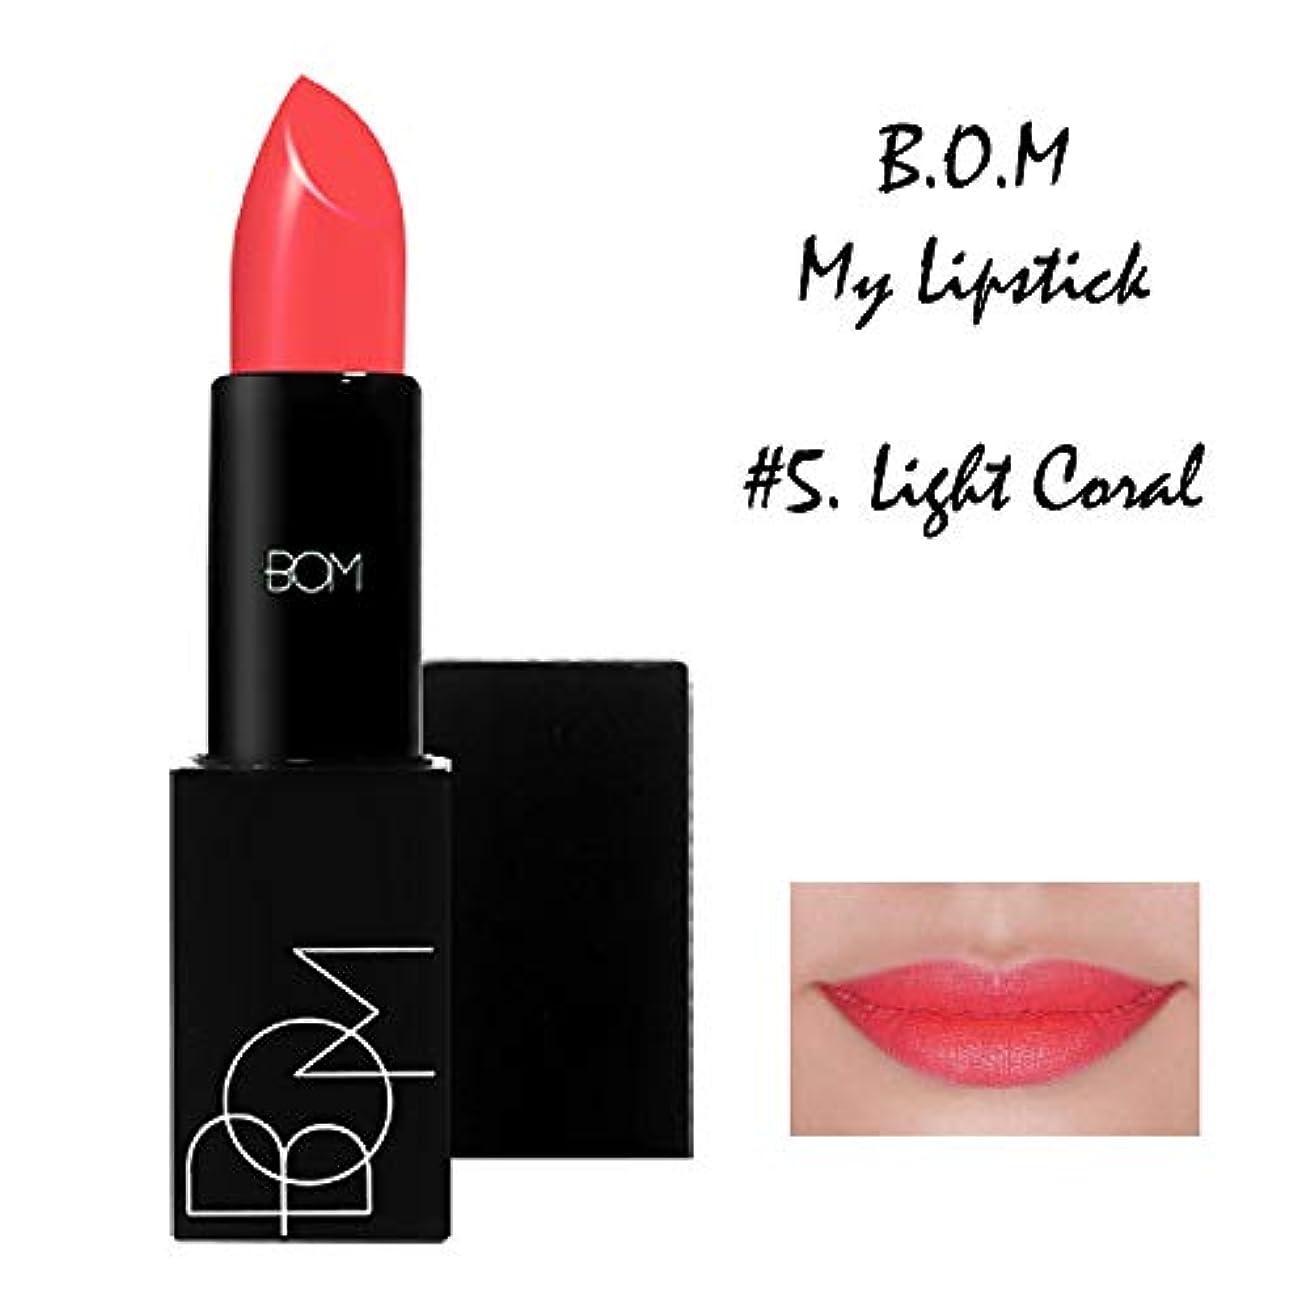 失礼な海外文明化するbom 韓国化粧品6色磁気ケース付きマットリップスティック #805。ライトコーラル